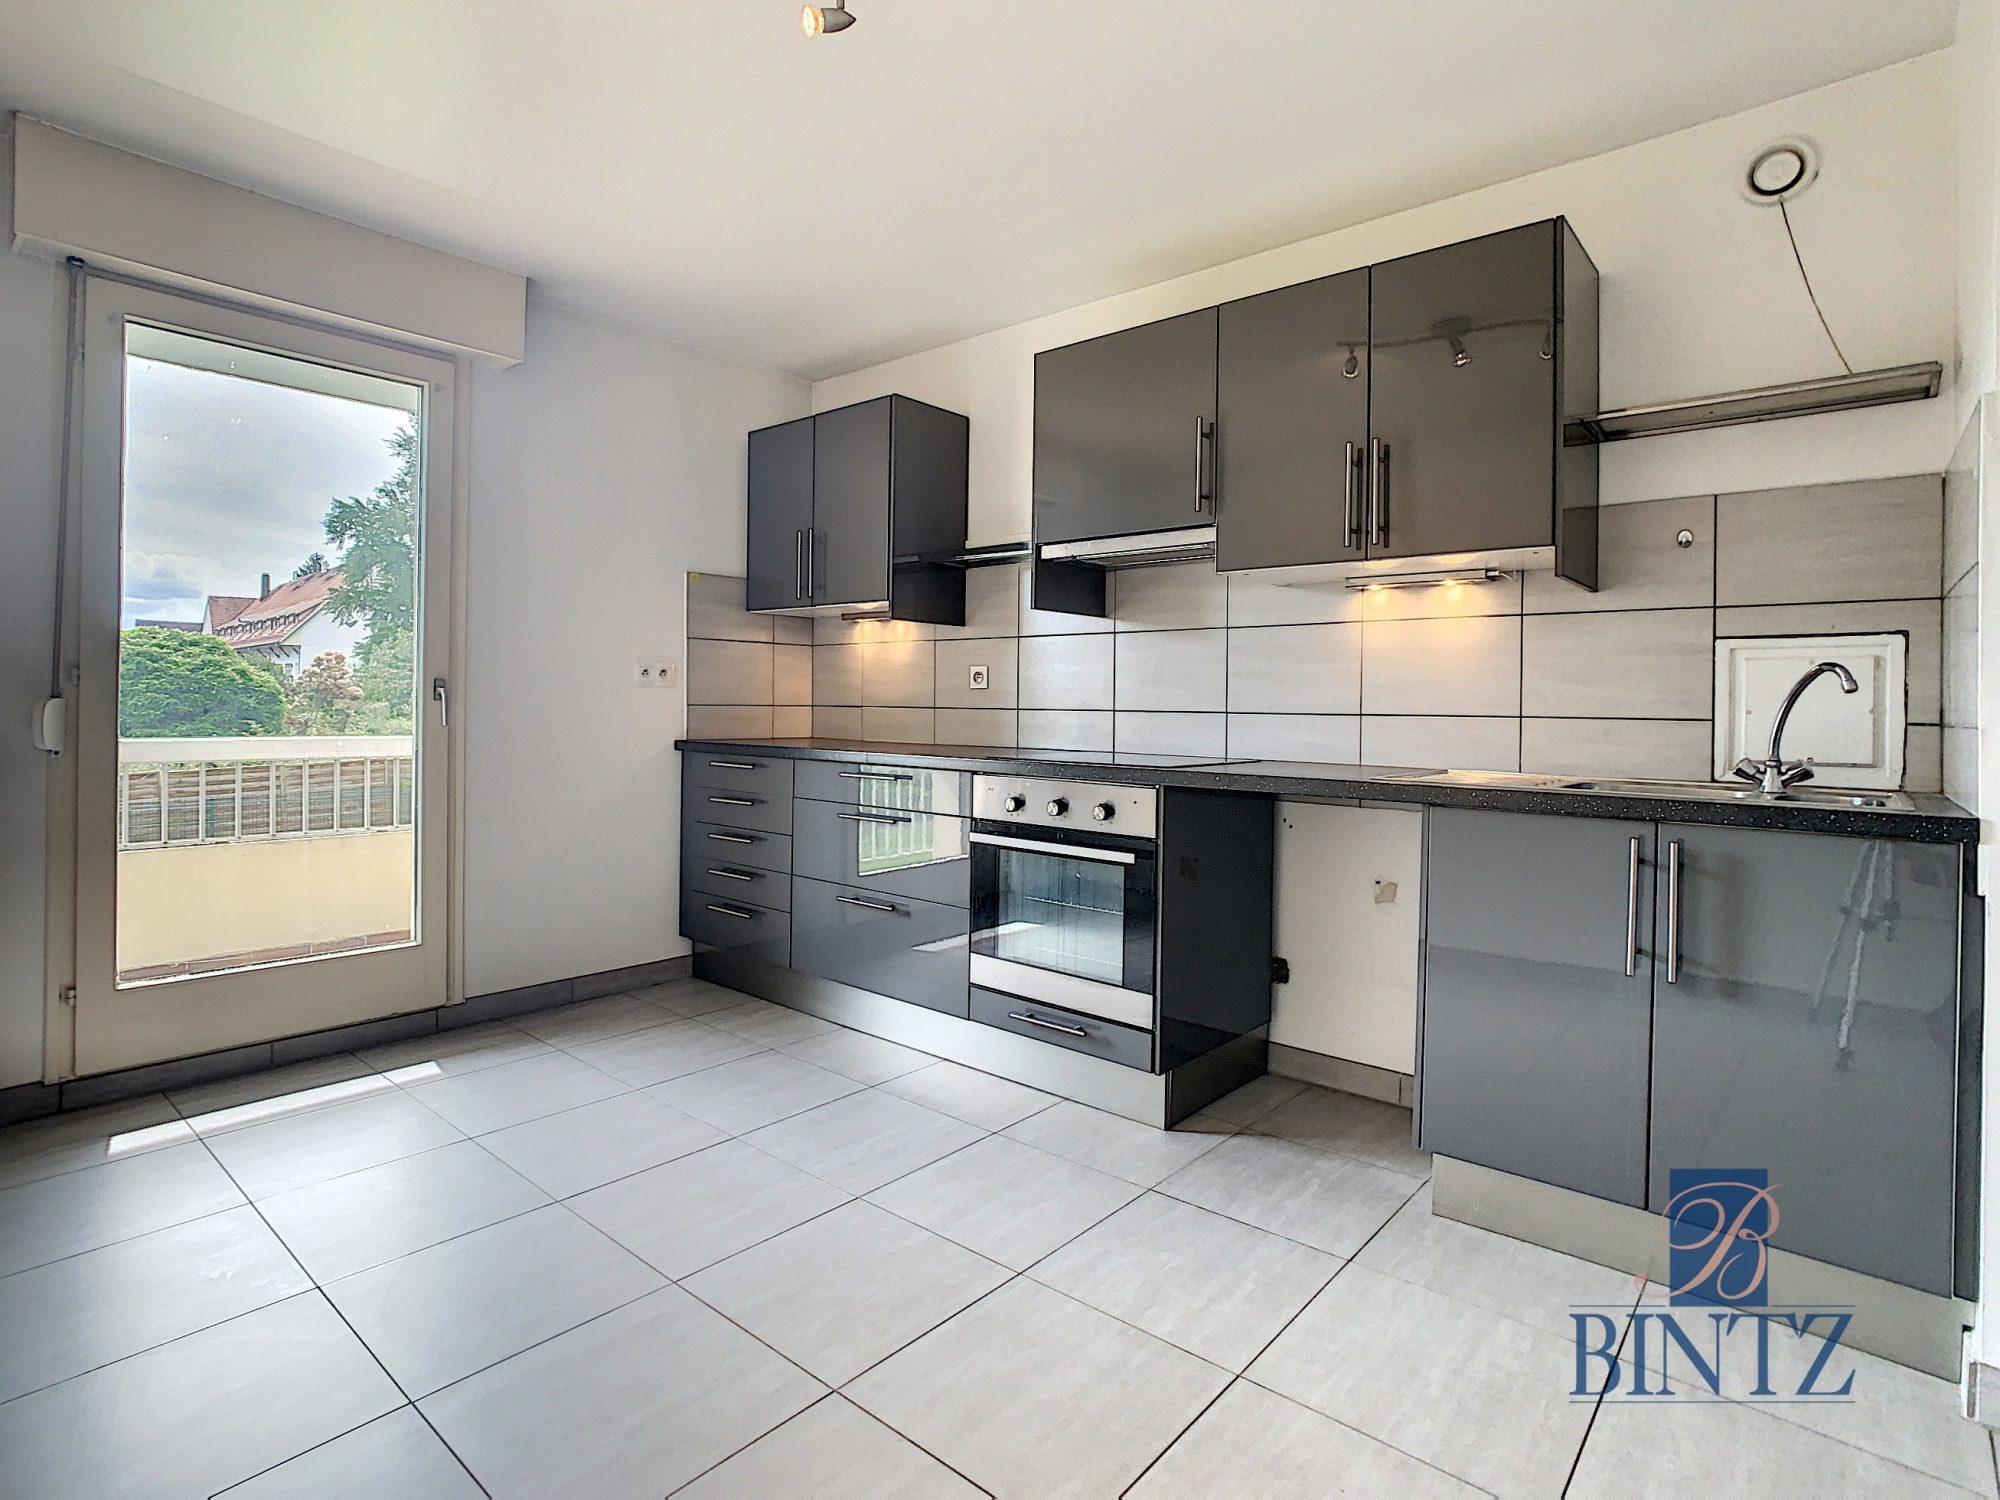 Appartement traversant 4 pièces 97,5m2 à Oberhausbergen - Devenez propriétaire en toute confiance - Bintz Immobilier - 7